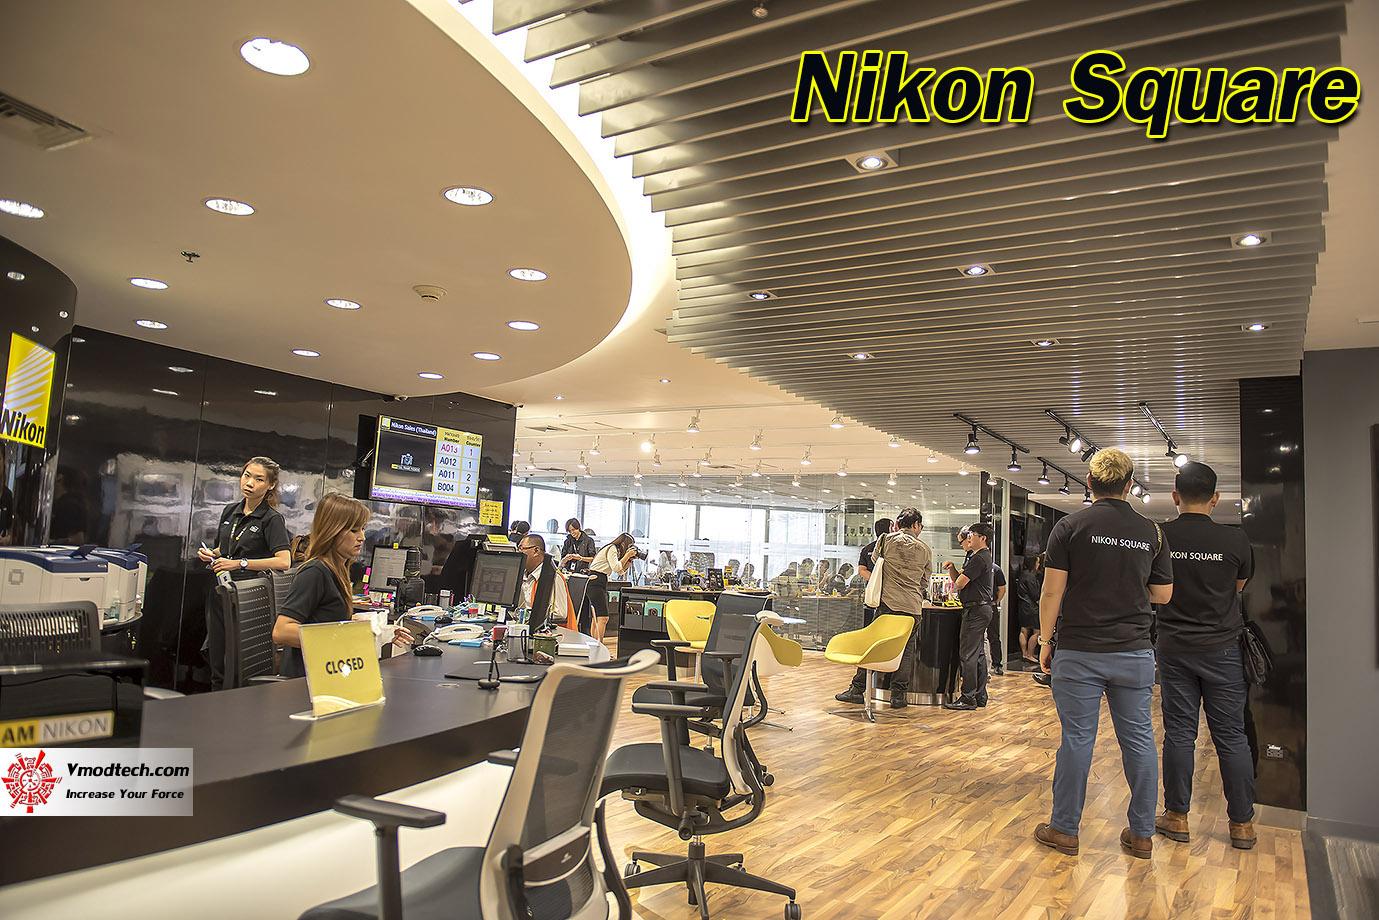 dsc 6613 ภาพบรรยากาศงานเปิดตัว Nikon Square ในประเทศไทย